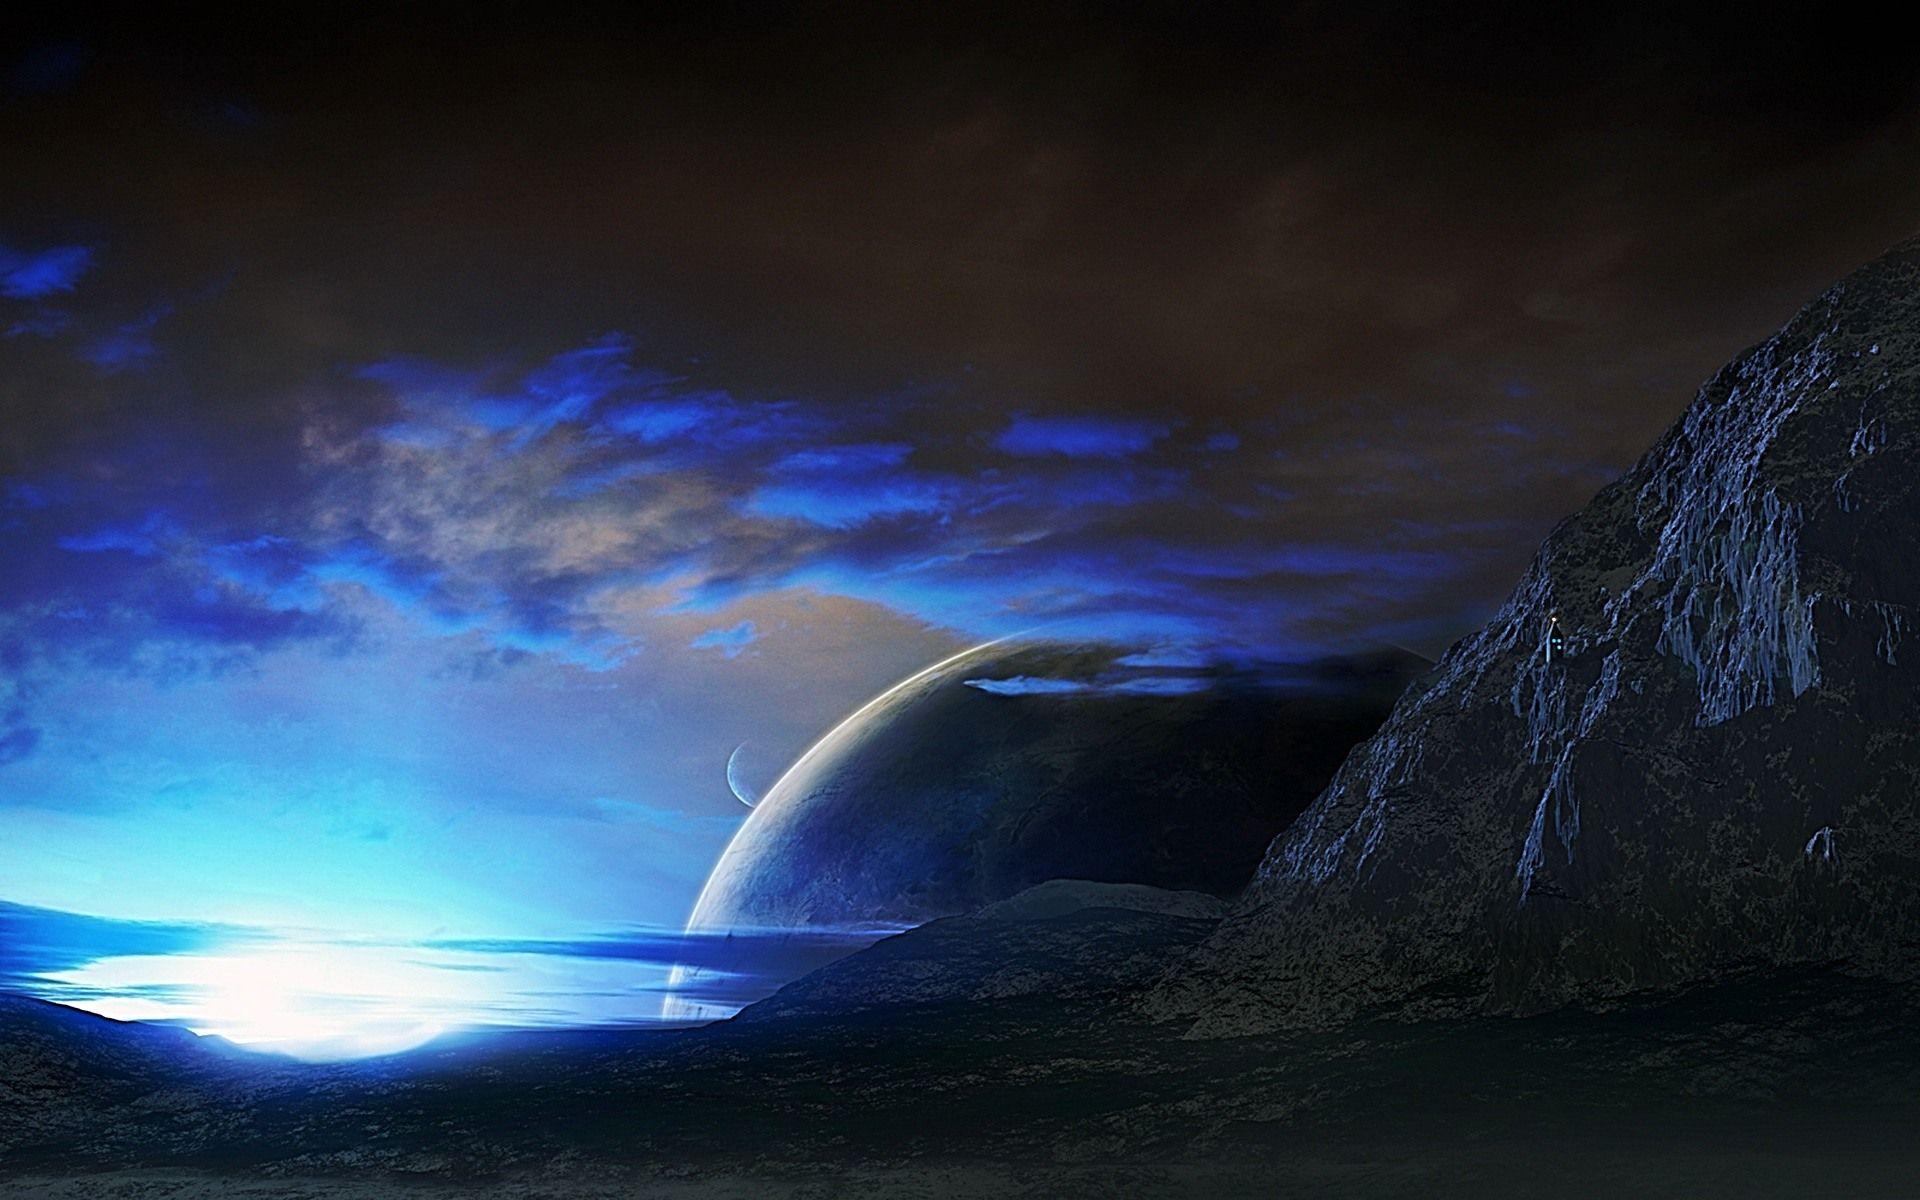 Blue Space Sunset Wallpaper Hd Widescreen 2 Hd Wallpapers Eakai Com Sunset Wallpaper Blue Sunset Lake Sunset